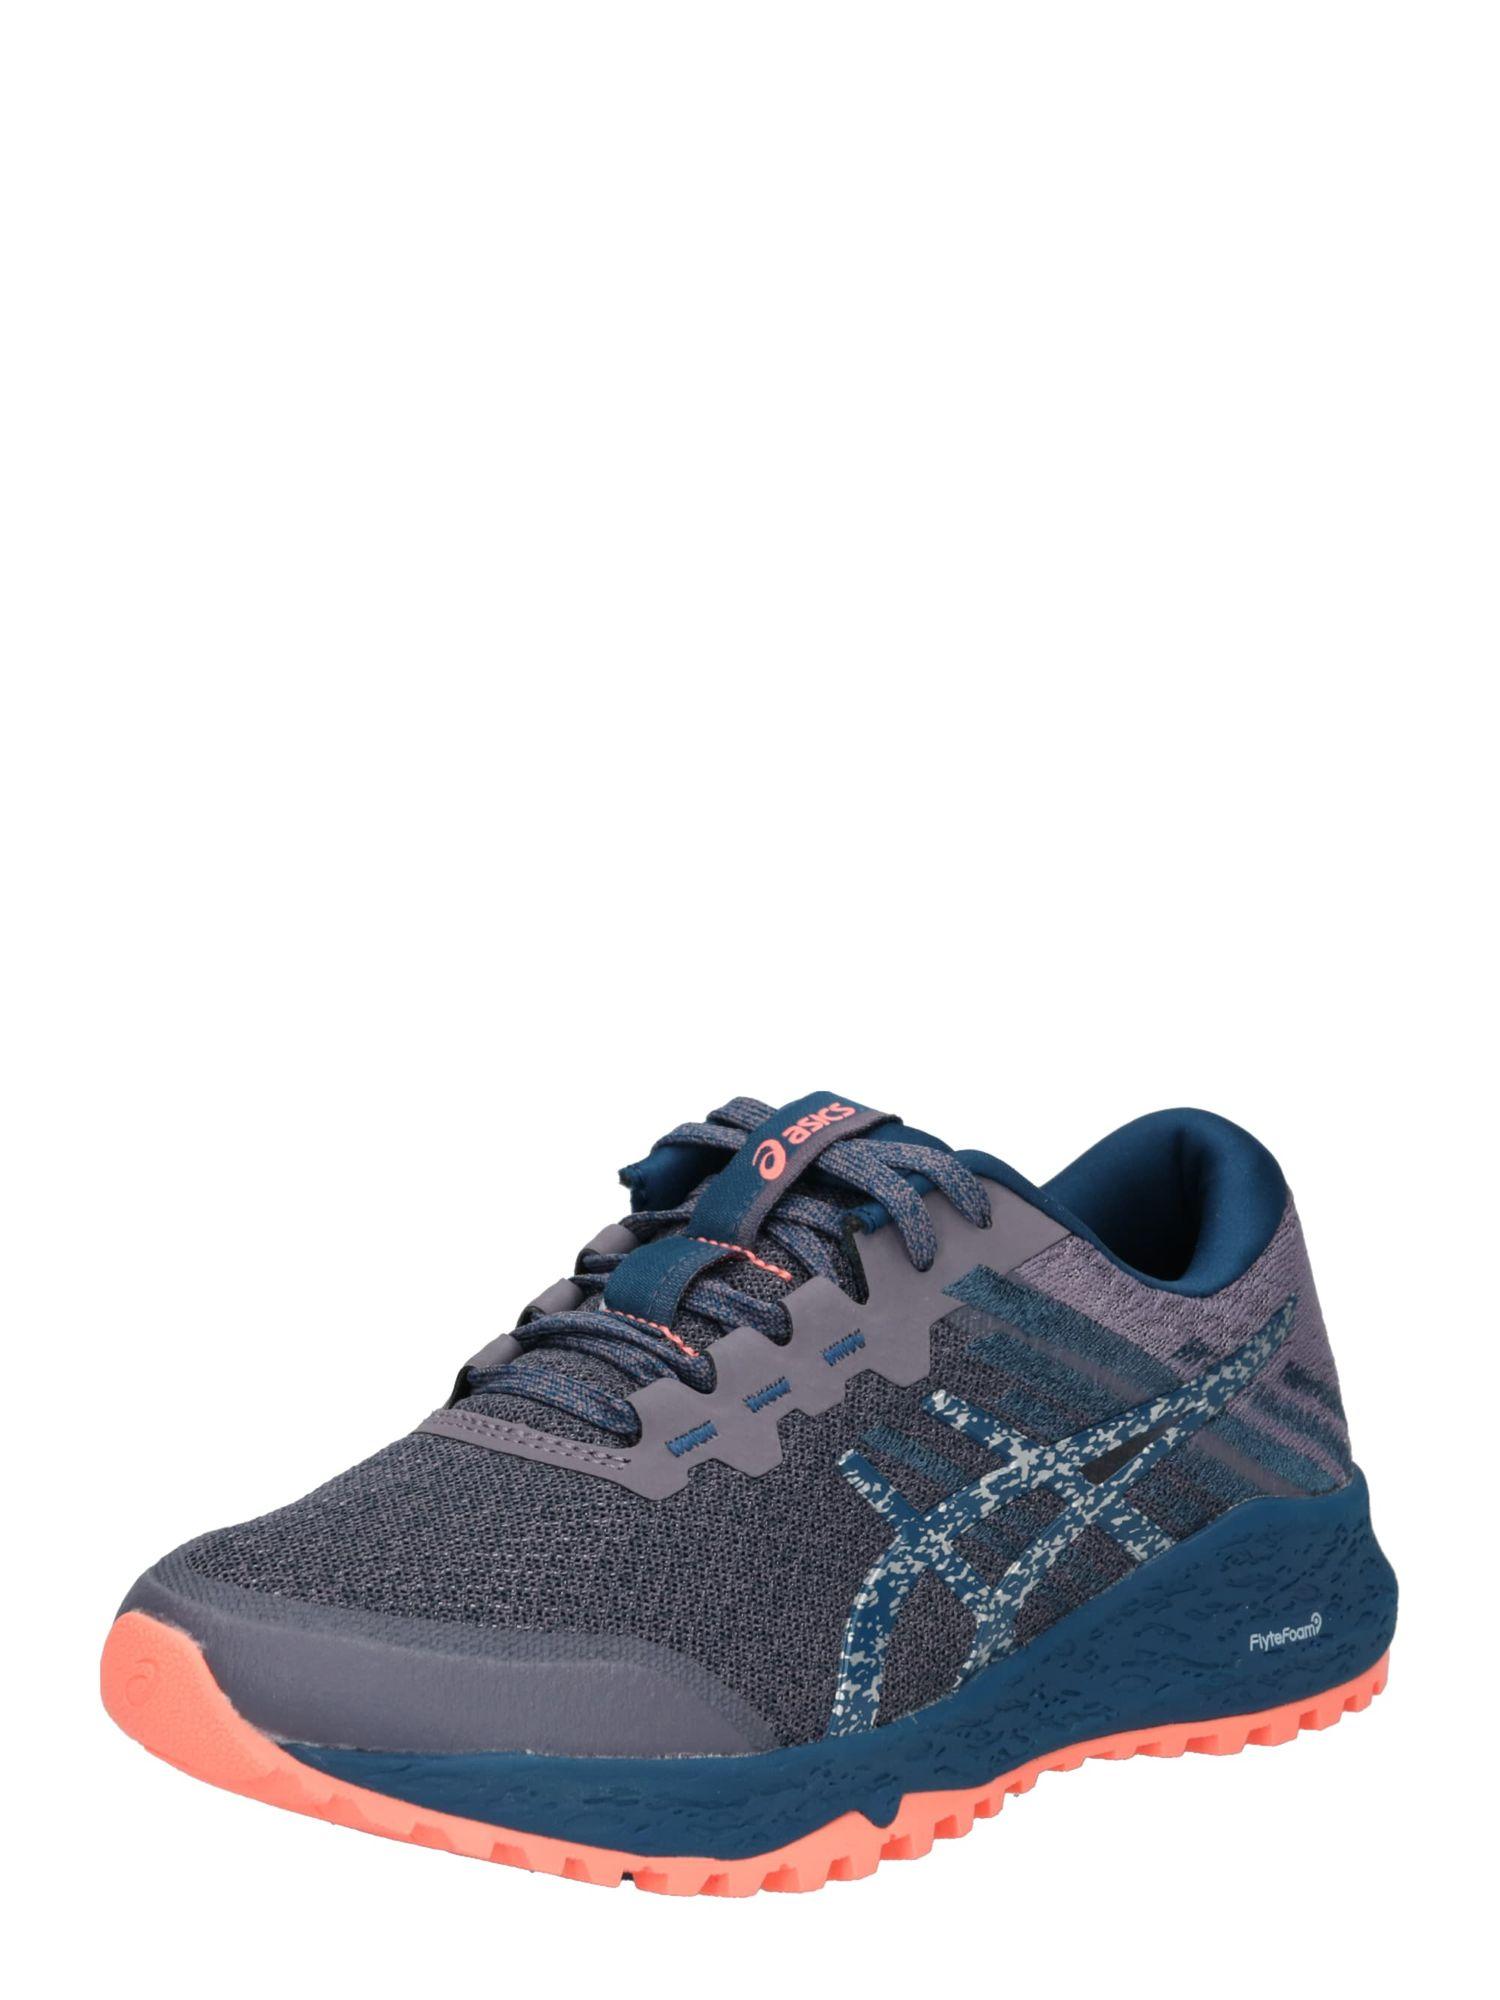 Damen - Sport-Schuhe ´ALPINE XT 2´